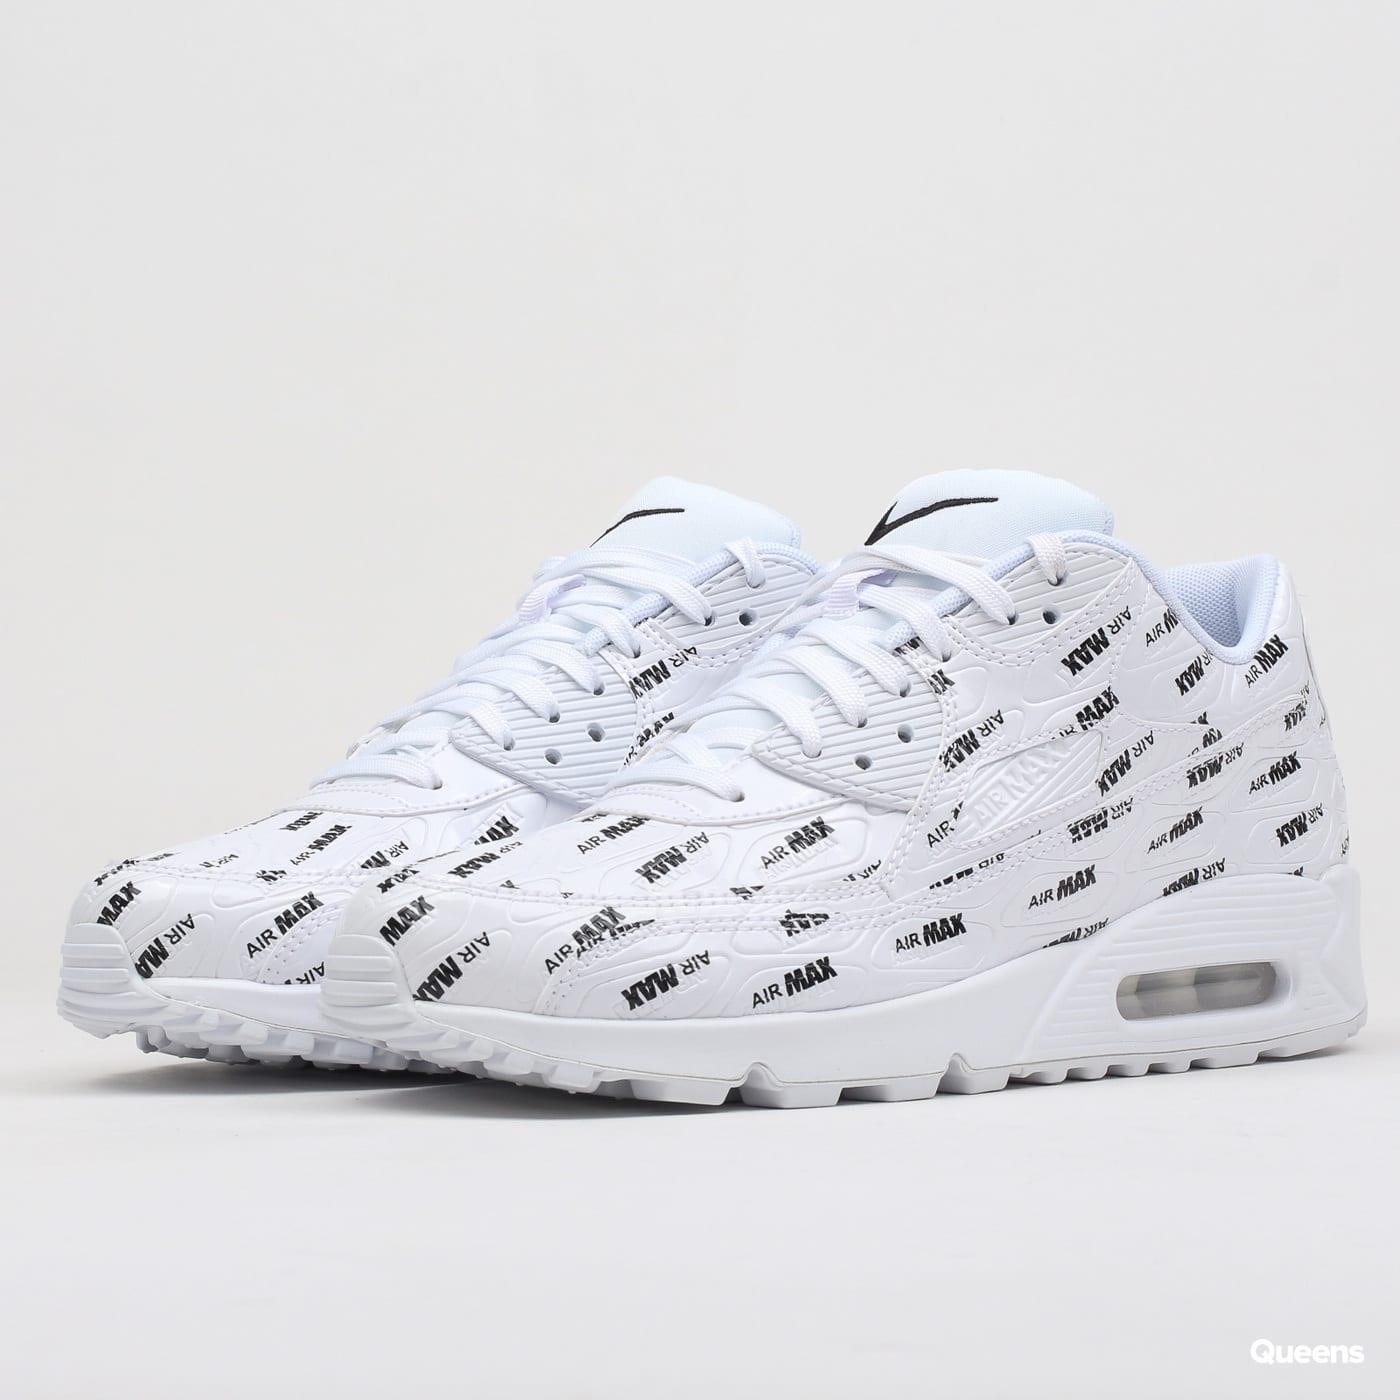 aabd989d906 Boty Nike Air Max 90 Premium (700155-103) – Queens 💚